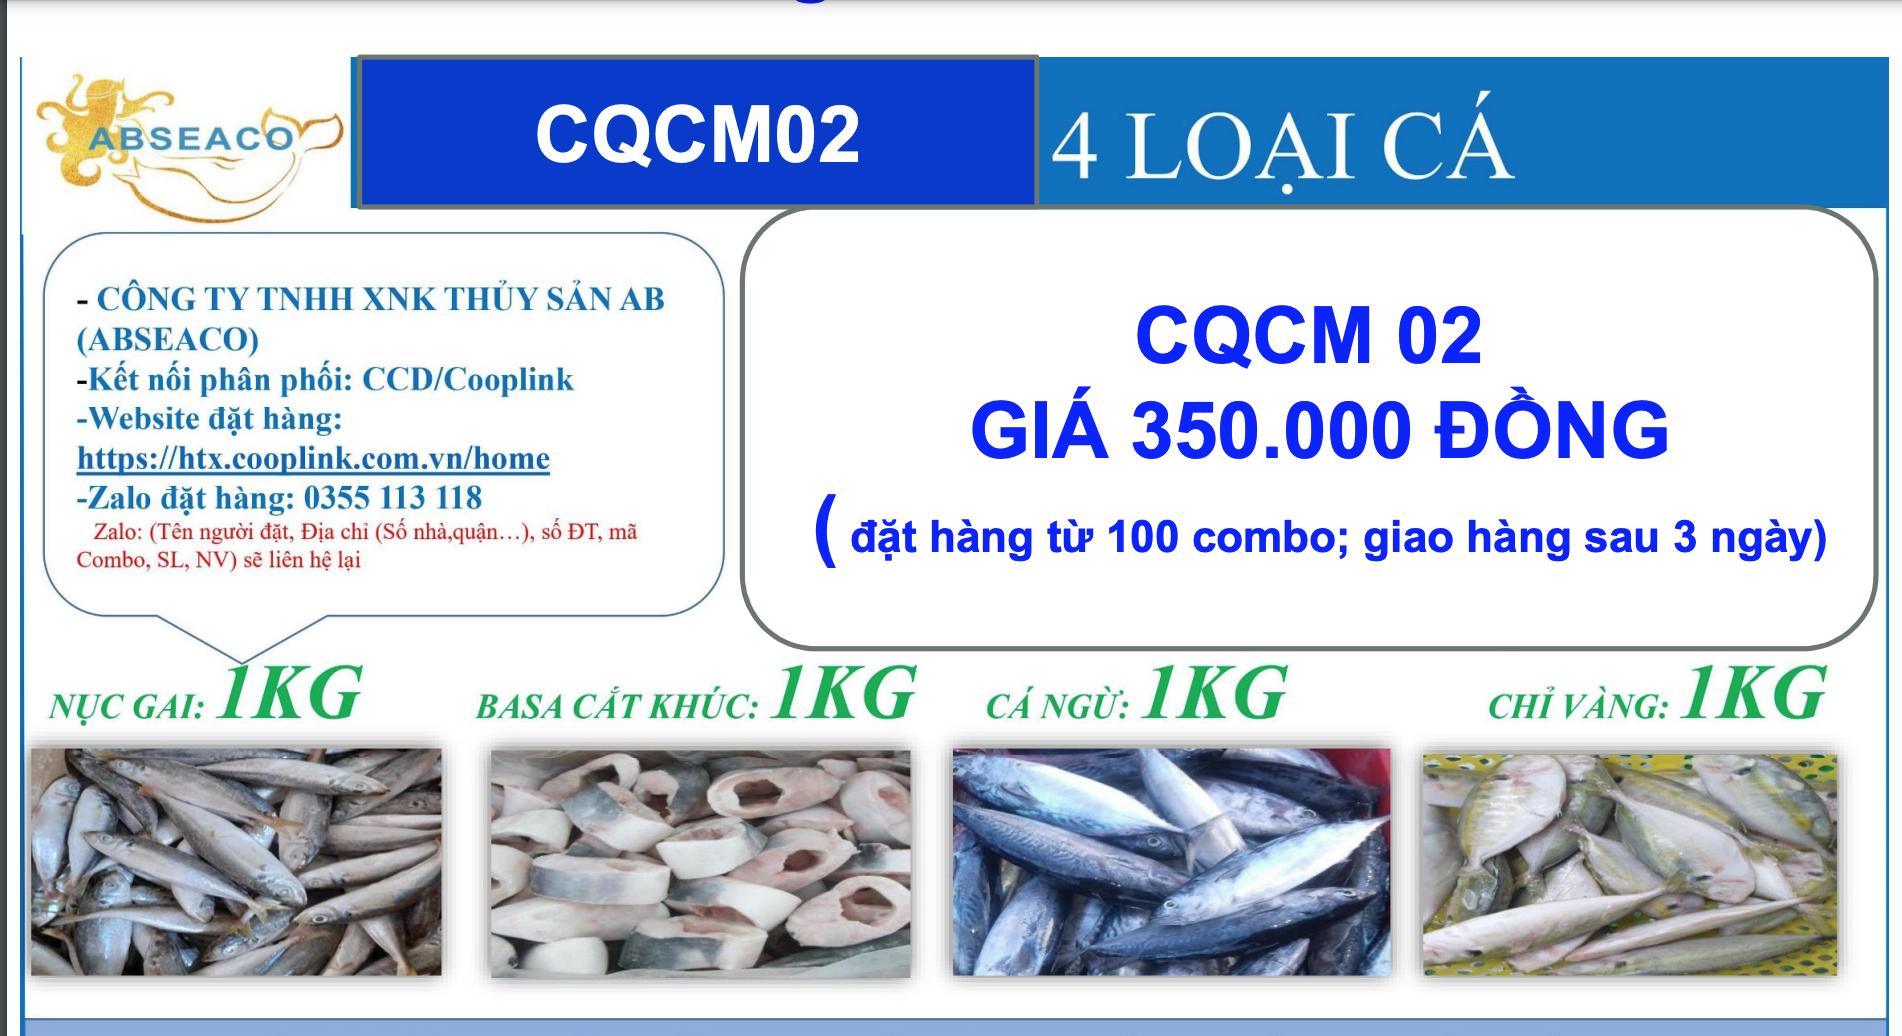 Combo 350.000 đồng từ tỉnh Cà Mau gồm: 1kg cá nục gai, 1kg basa cắt khúc, 1kg cá ngừ, 1kg cá chỉ vàng.